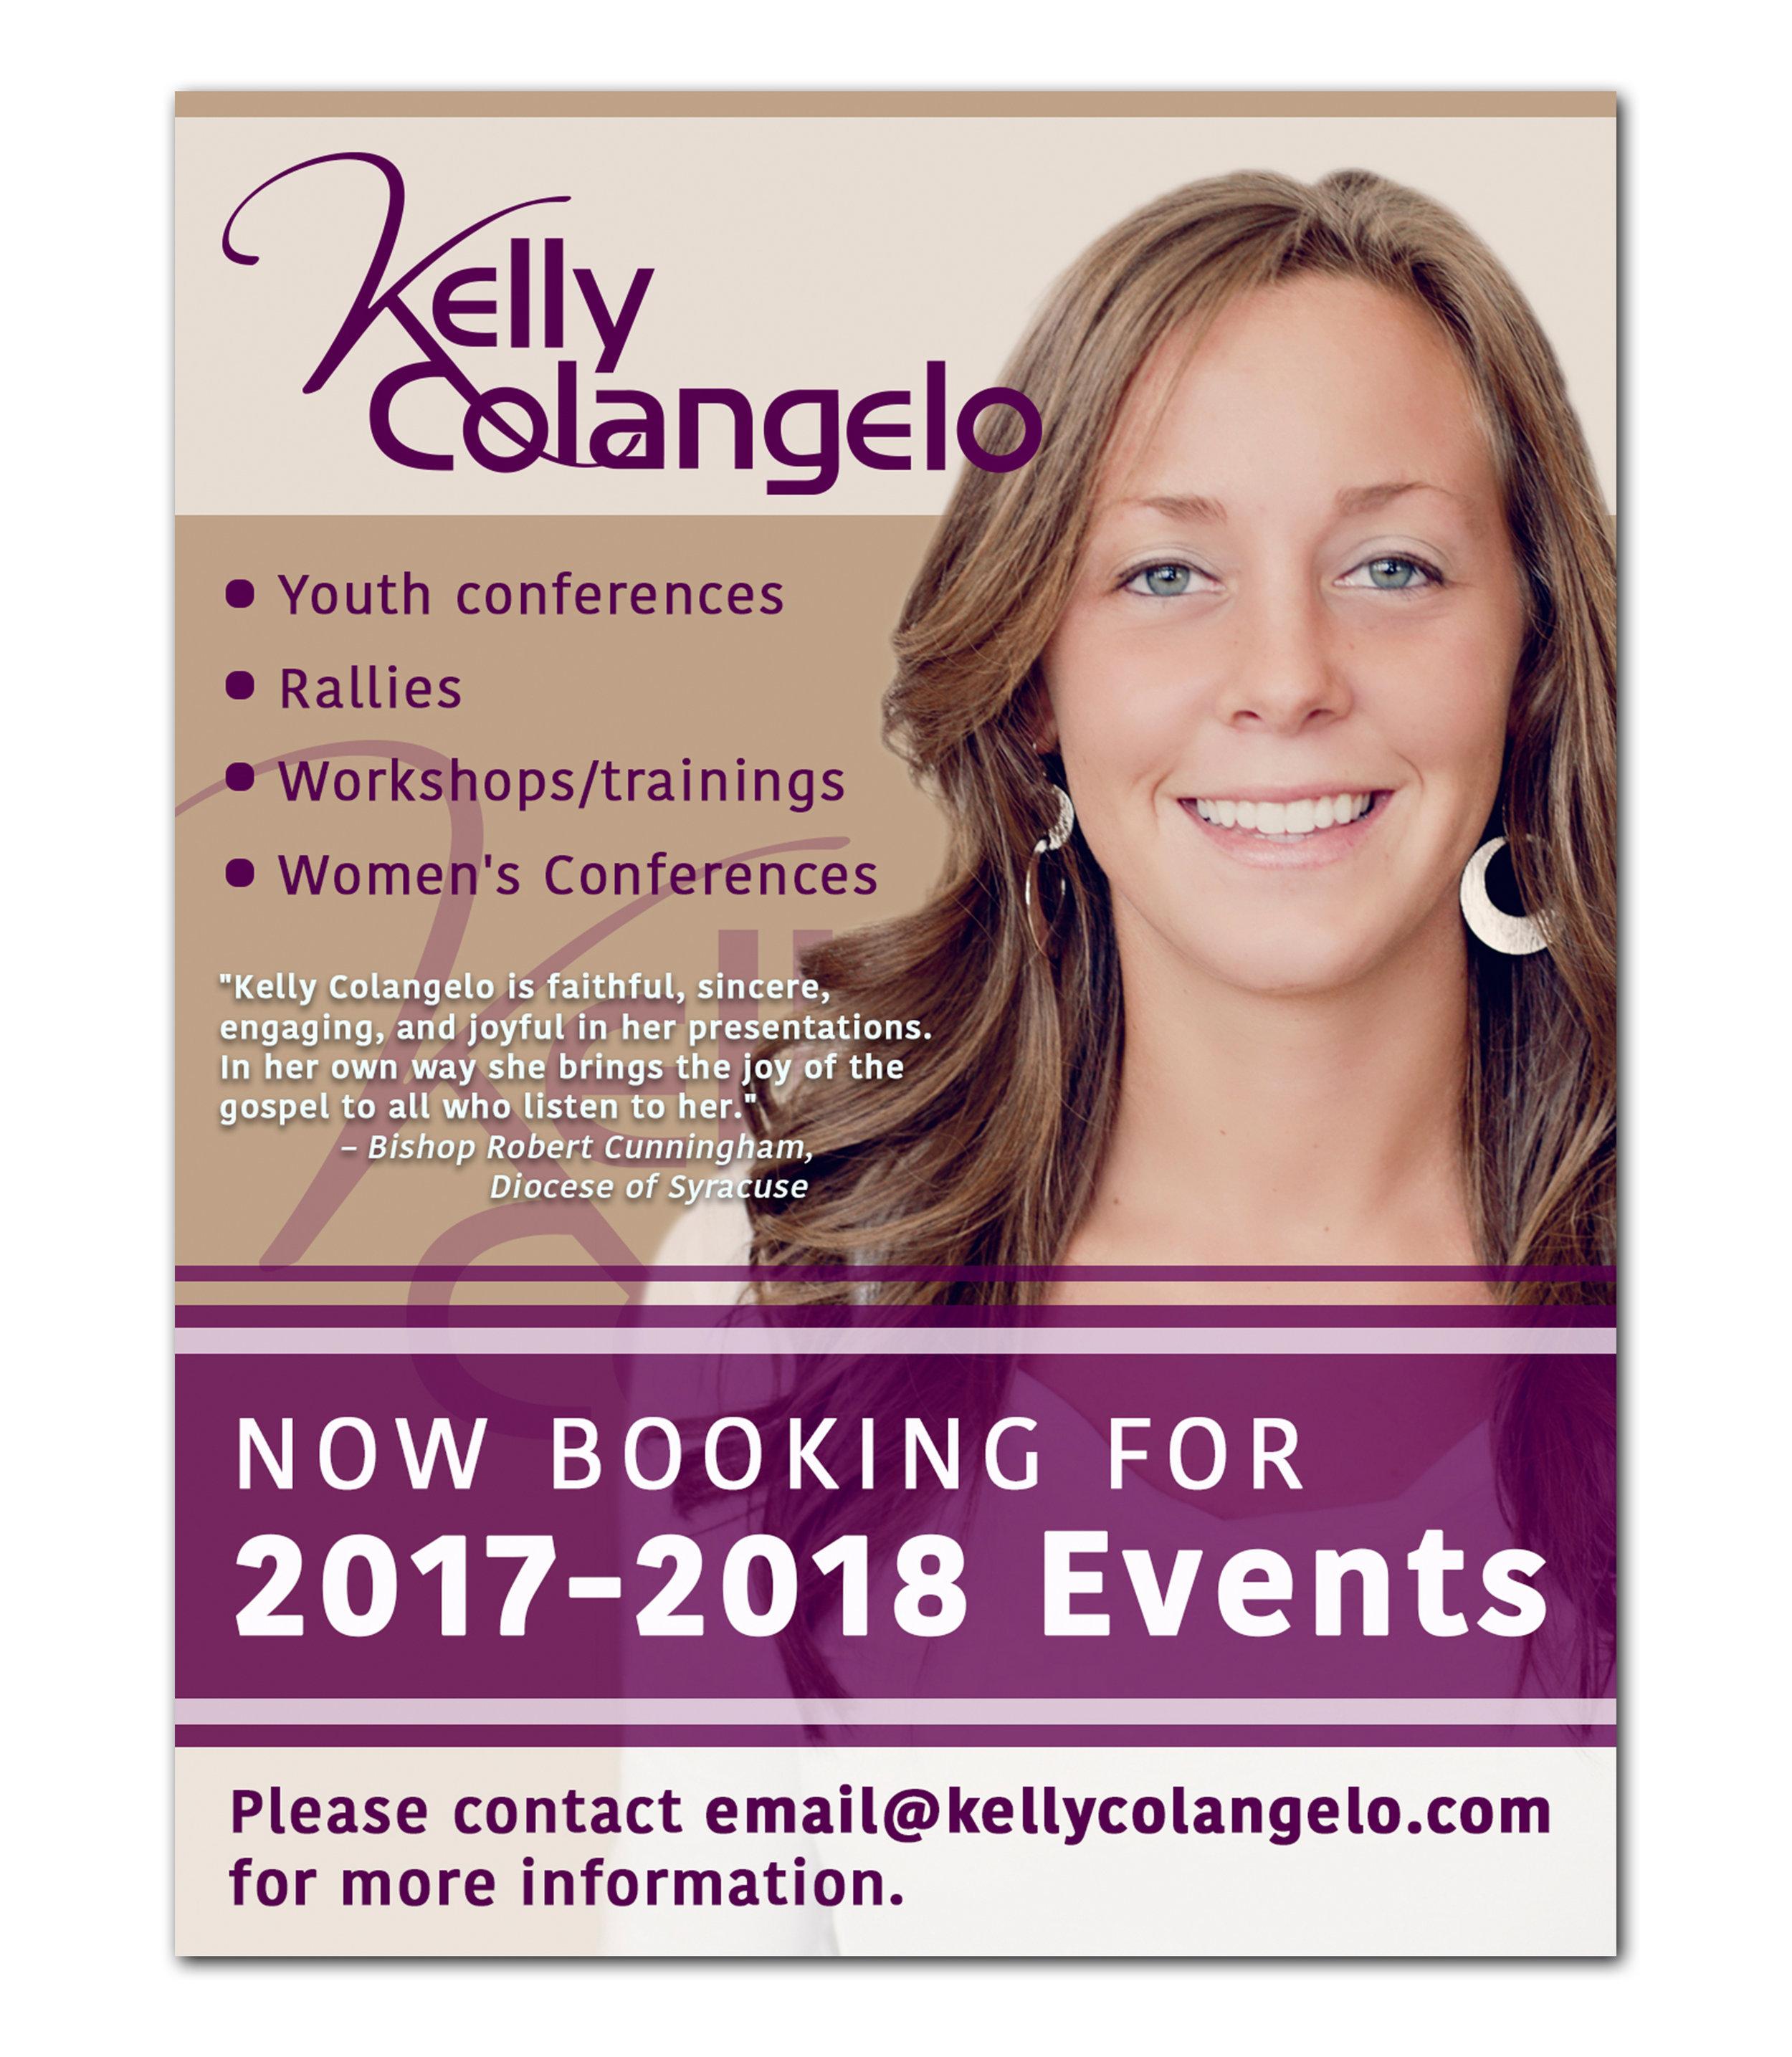 KellyColangeloflier.jpg